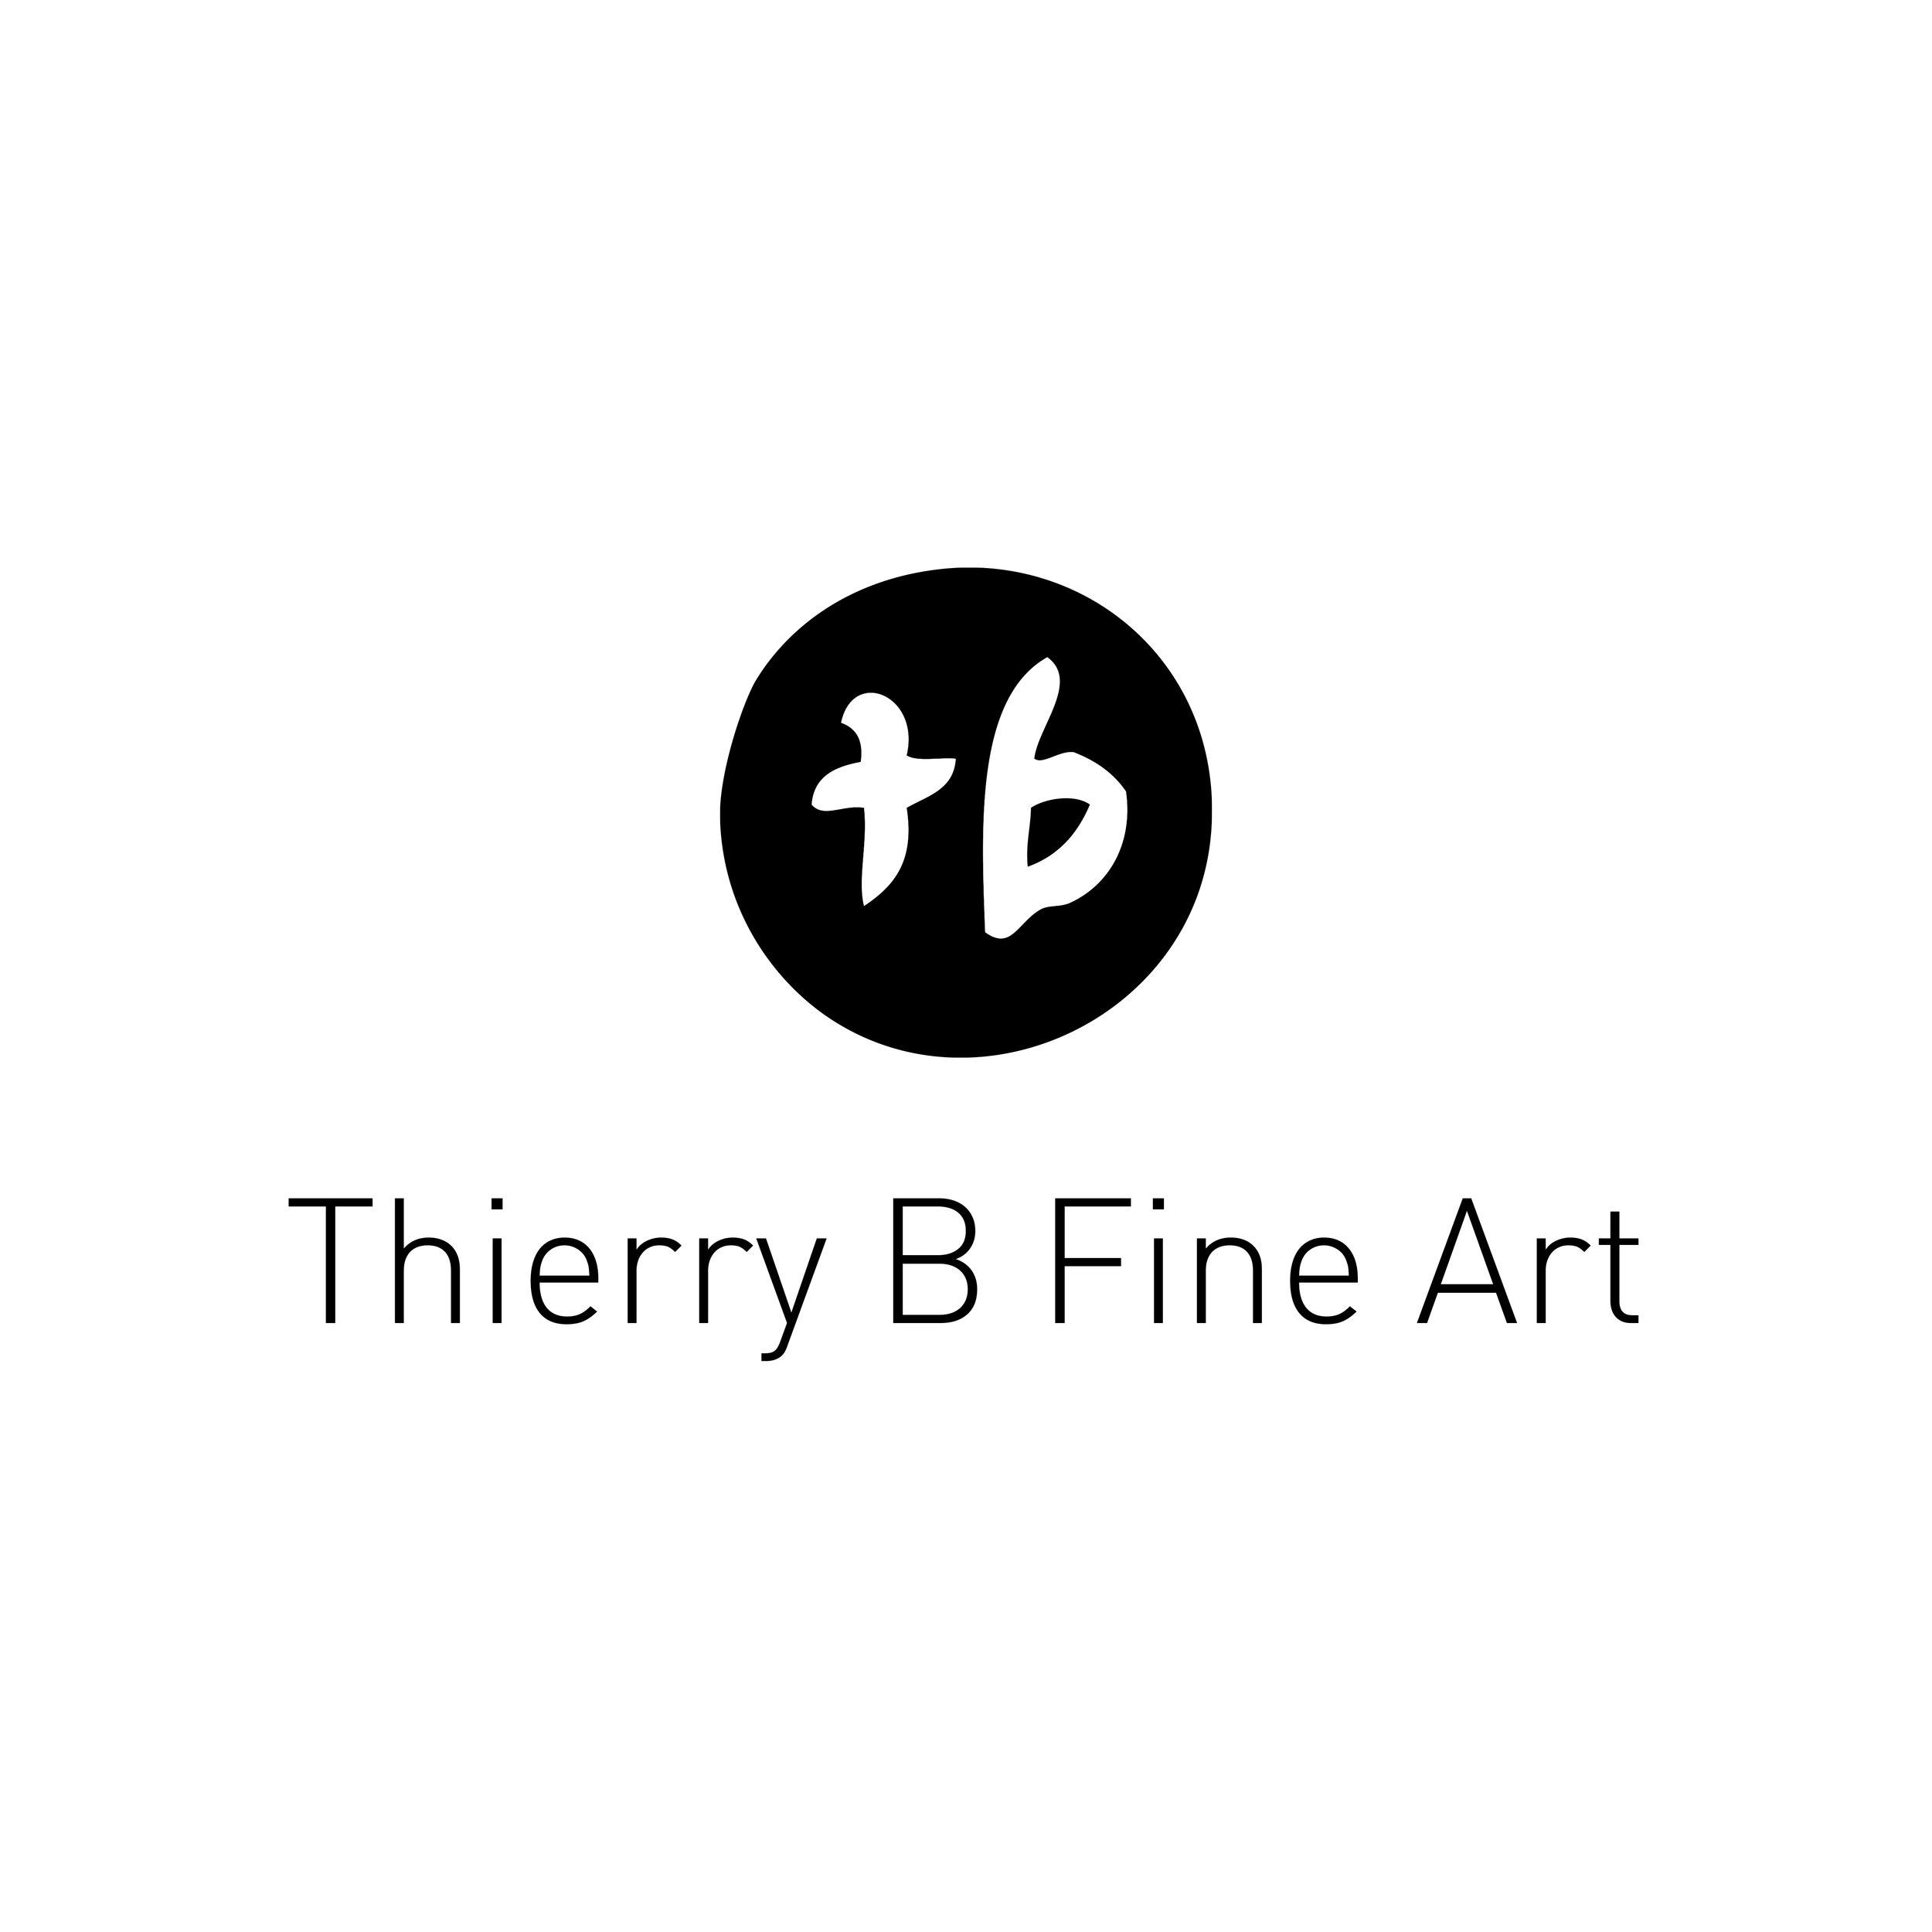 thierry b logo options v2-1.jpg